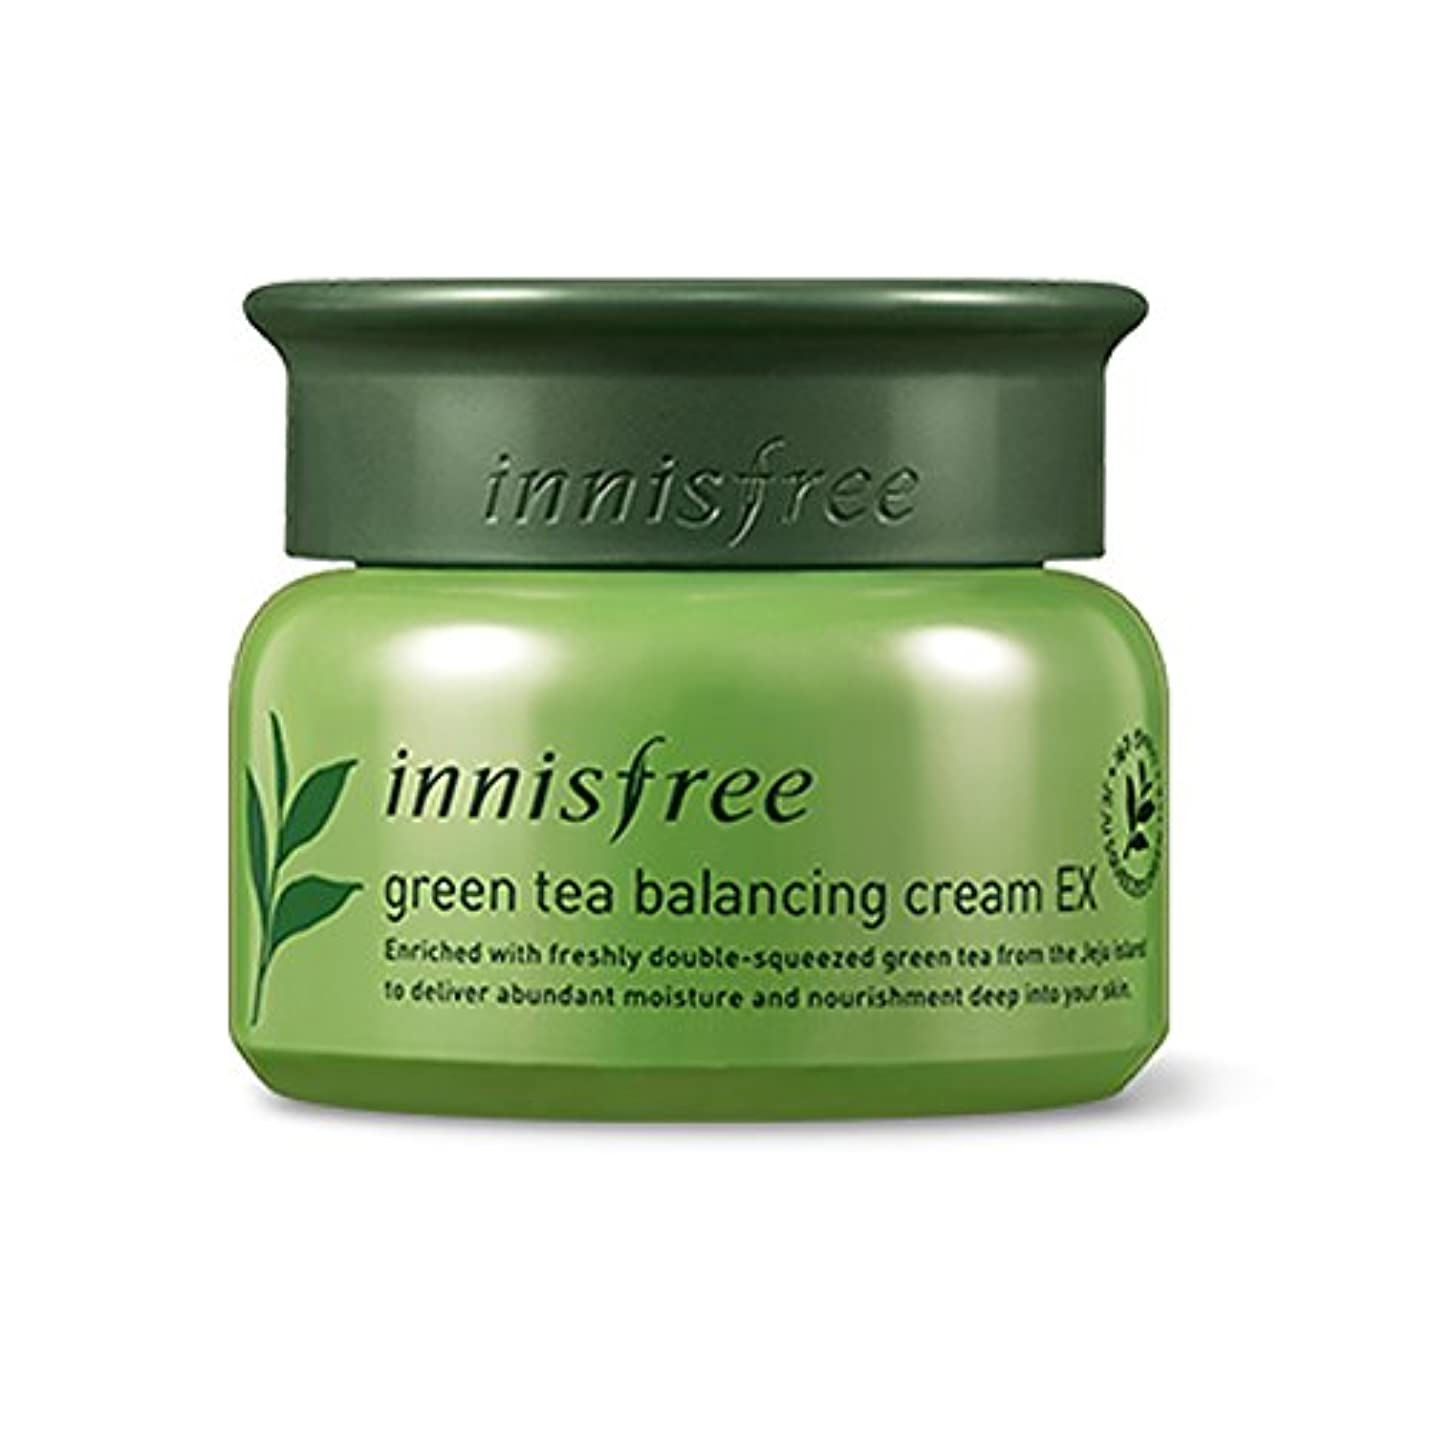 ピーク虫バリアイニスフリーグリーンティーバランスクリーム50ml「2018新製品」 Innisfree Green Tea Balancing Cream 50ml